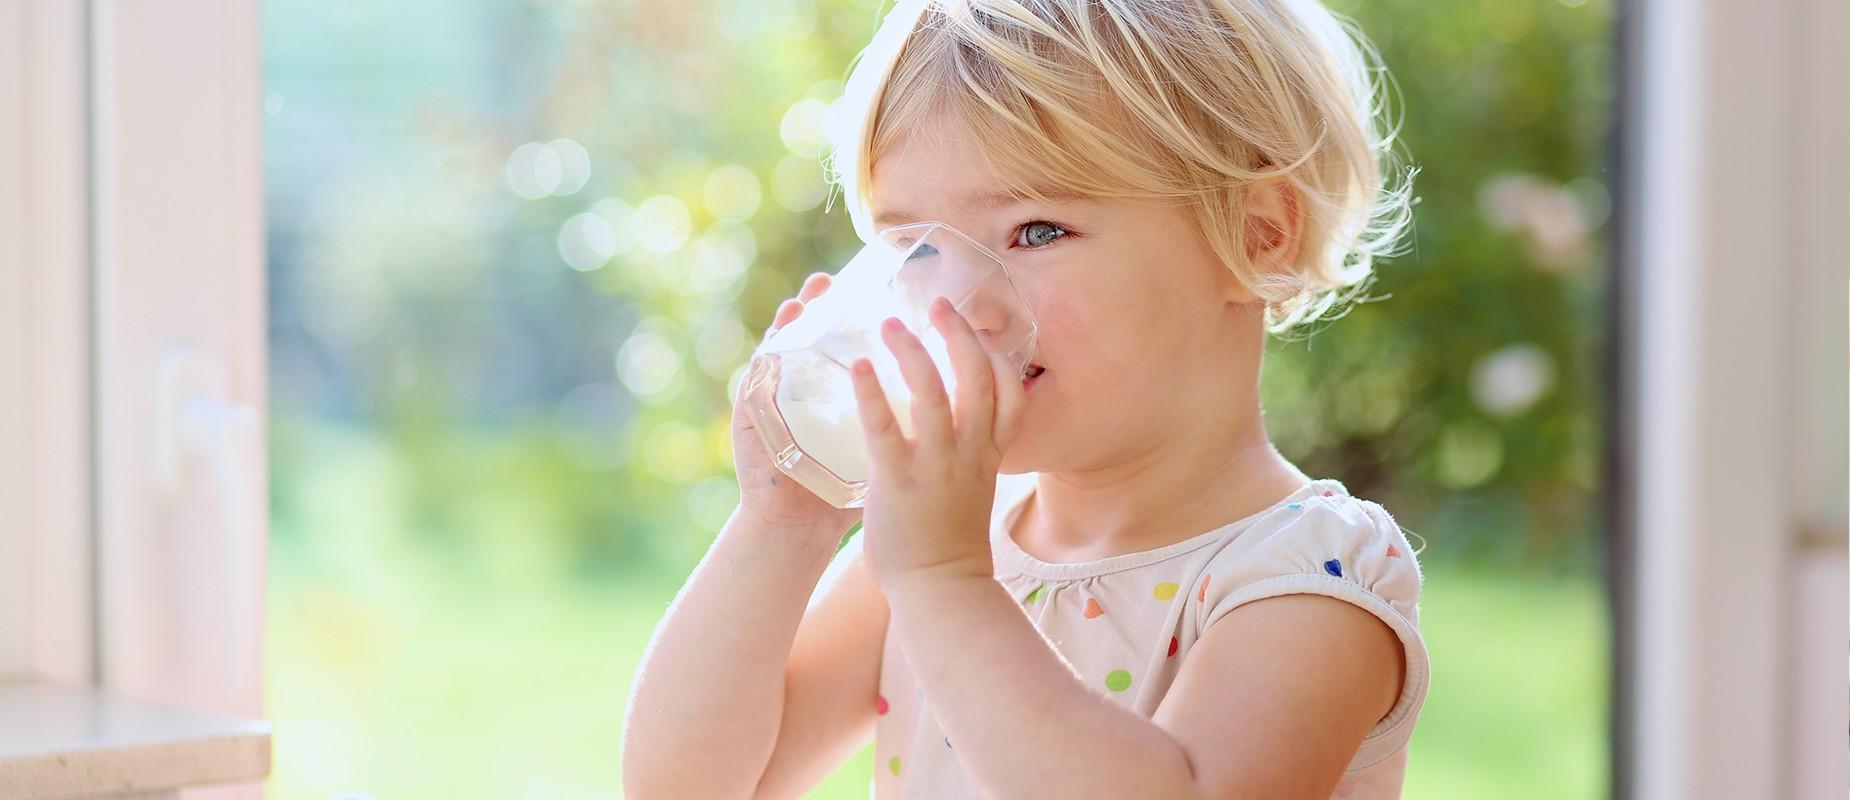 خواص شیر برای کودکان که سلامت قلب را ارتقا می دهد